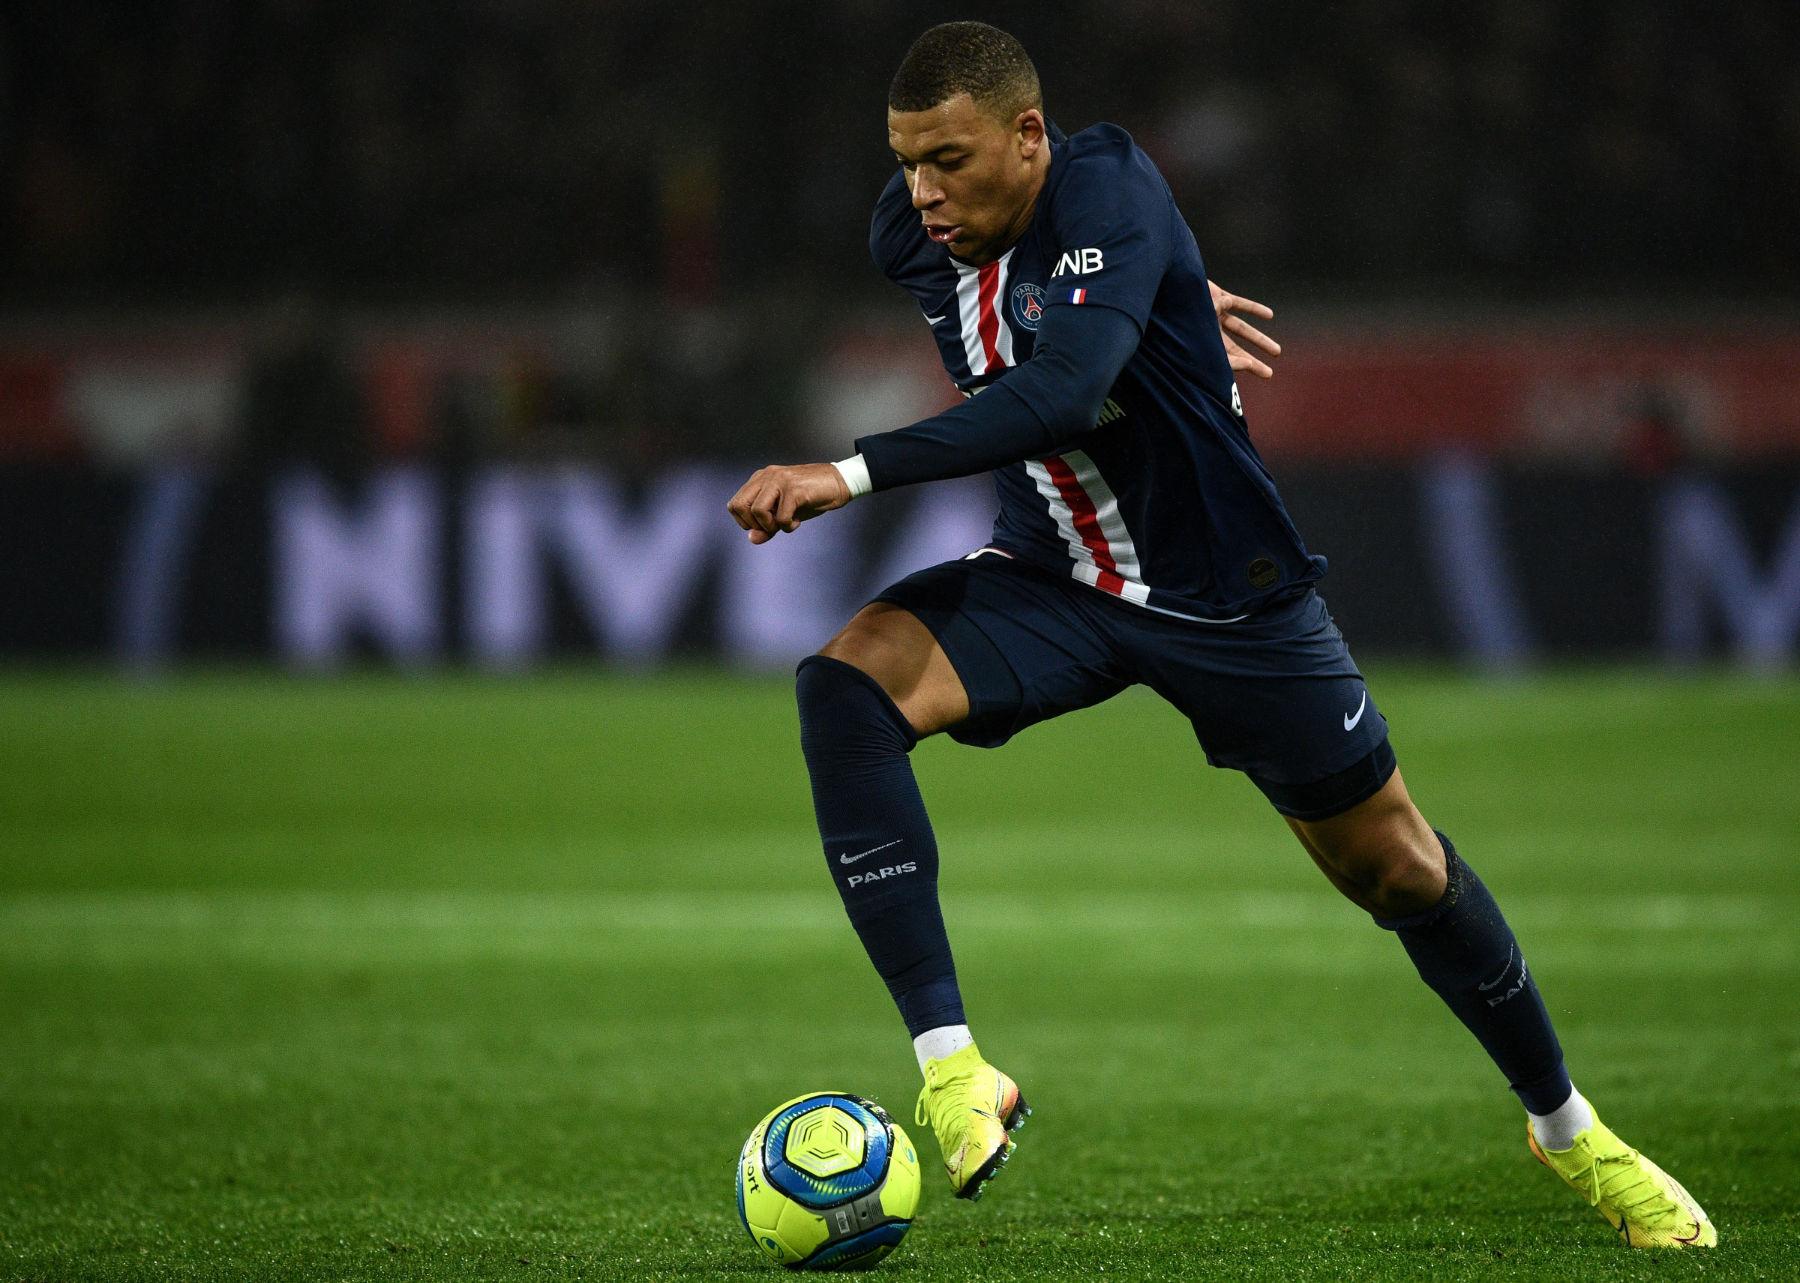 Kylian-Mbappe-PSG-vs-Bordeaux-Ligue-1-2020